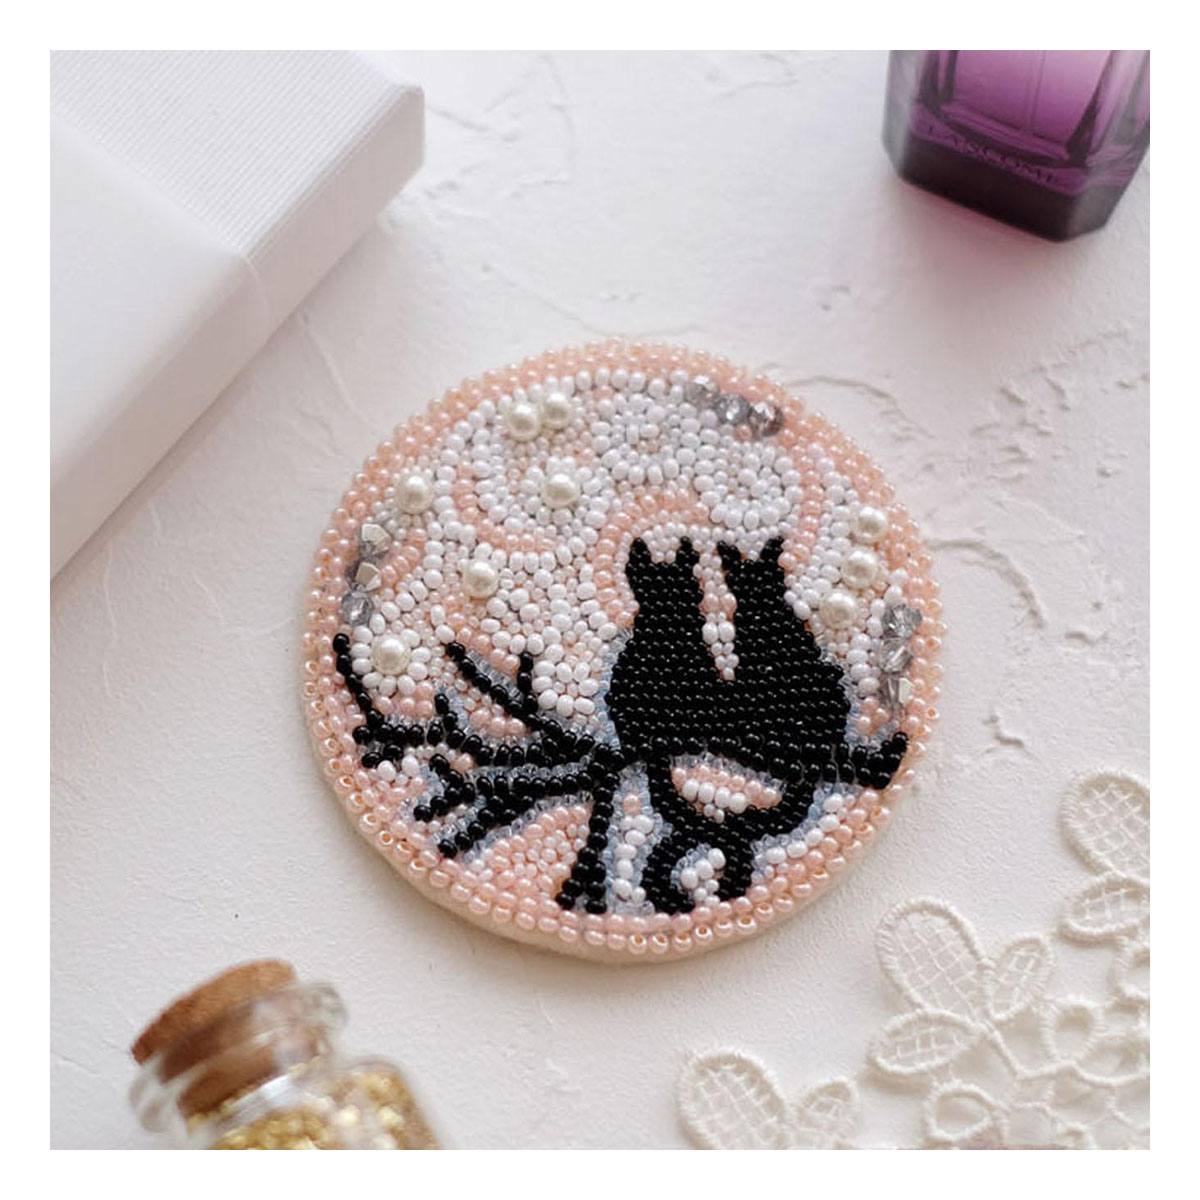 АД-039 Набор для вышивки бисером украшения на натур. художественном холсте 'Лунное свидание'7,0*7,0см